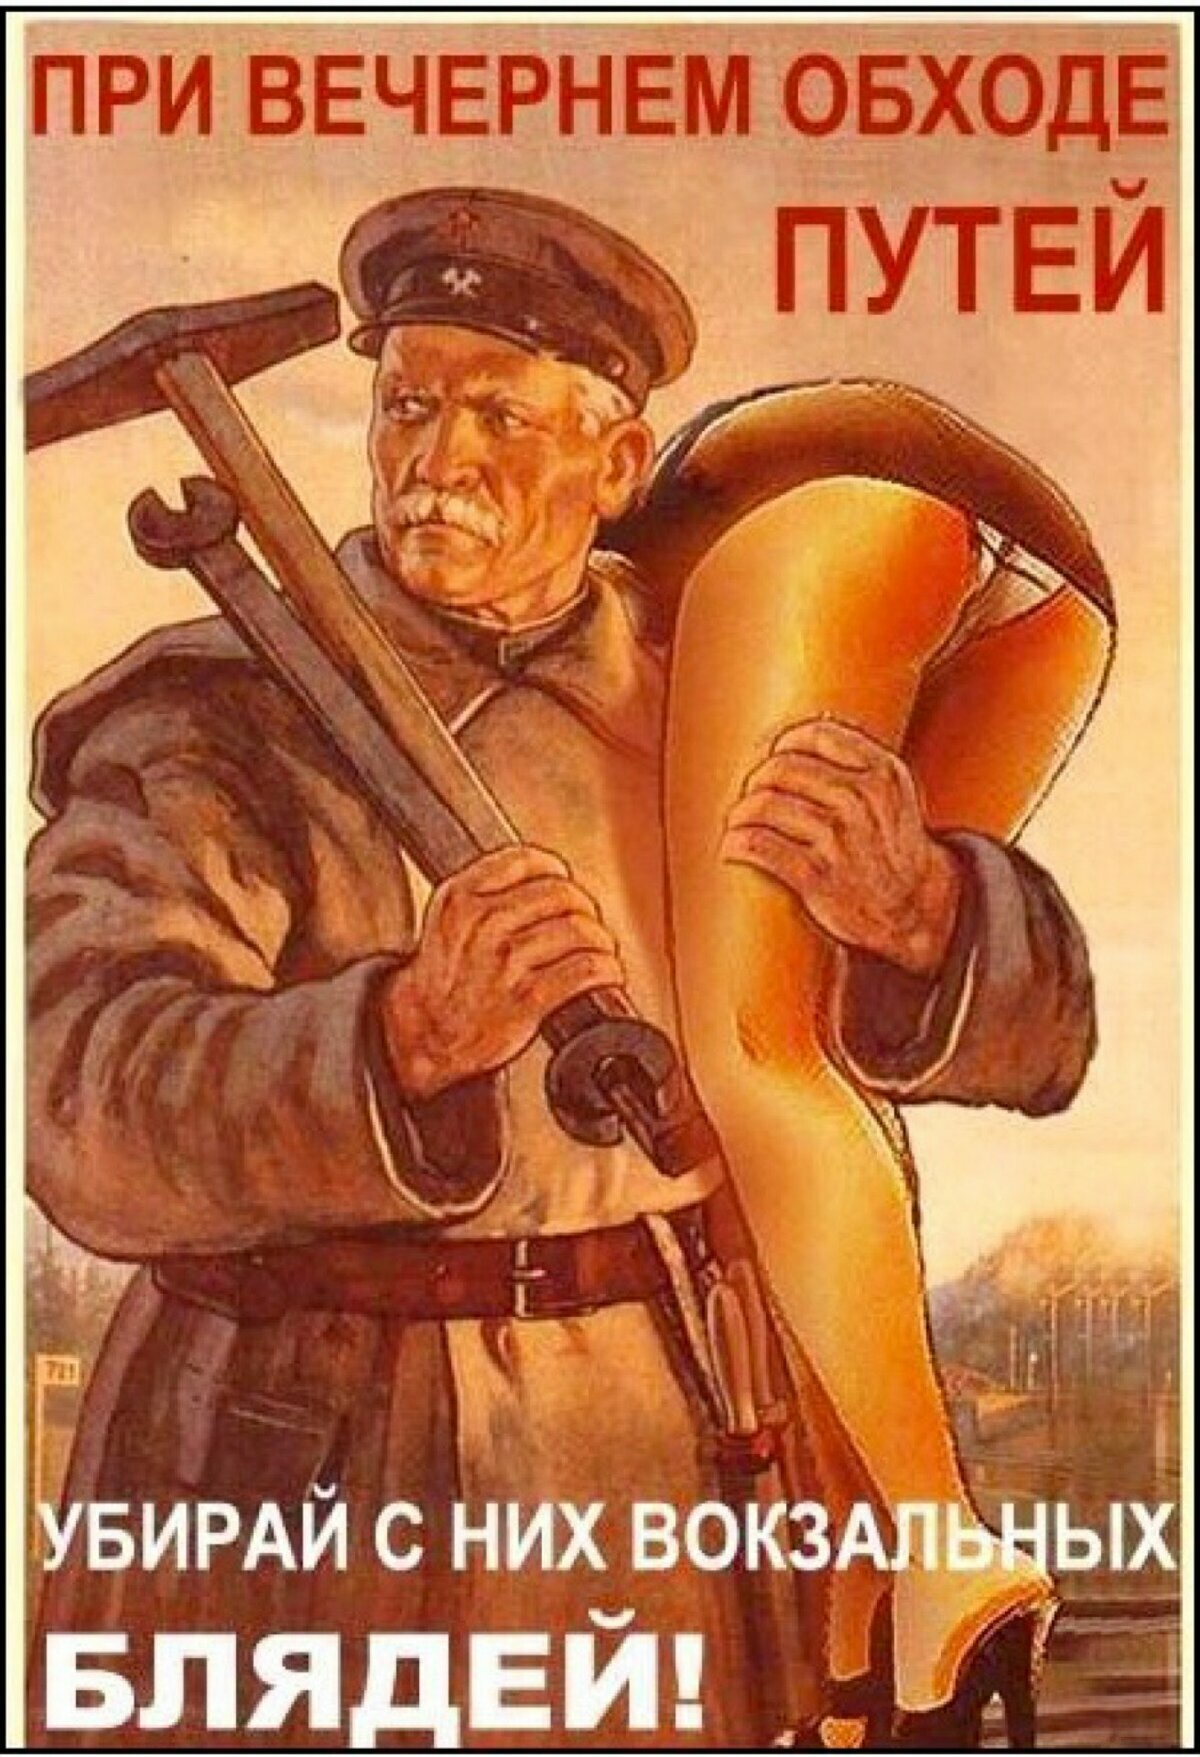 говорю этом картинки с приколами советские плакаты полагается